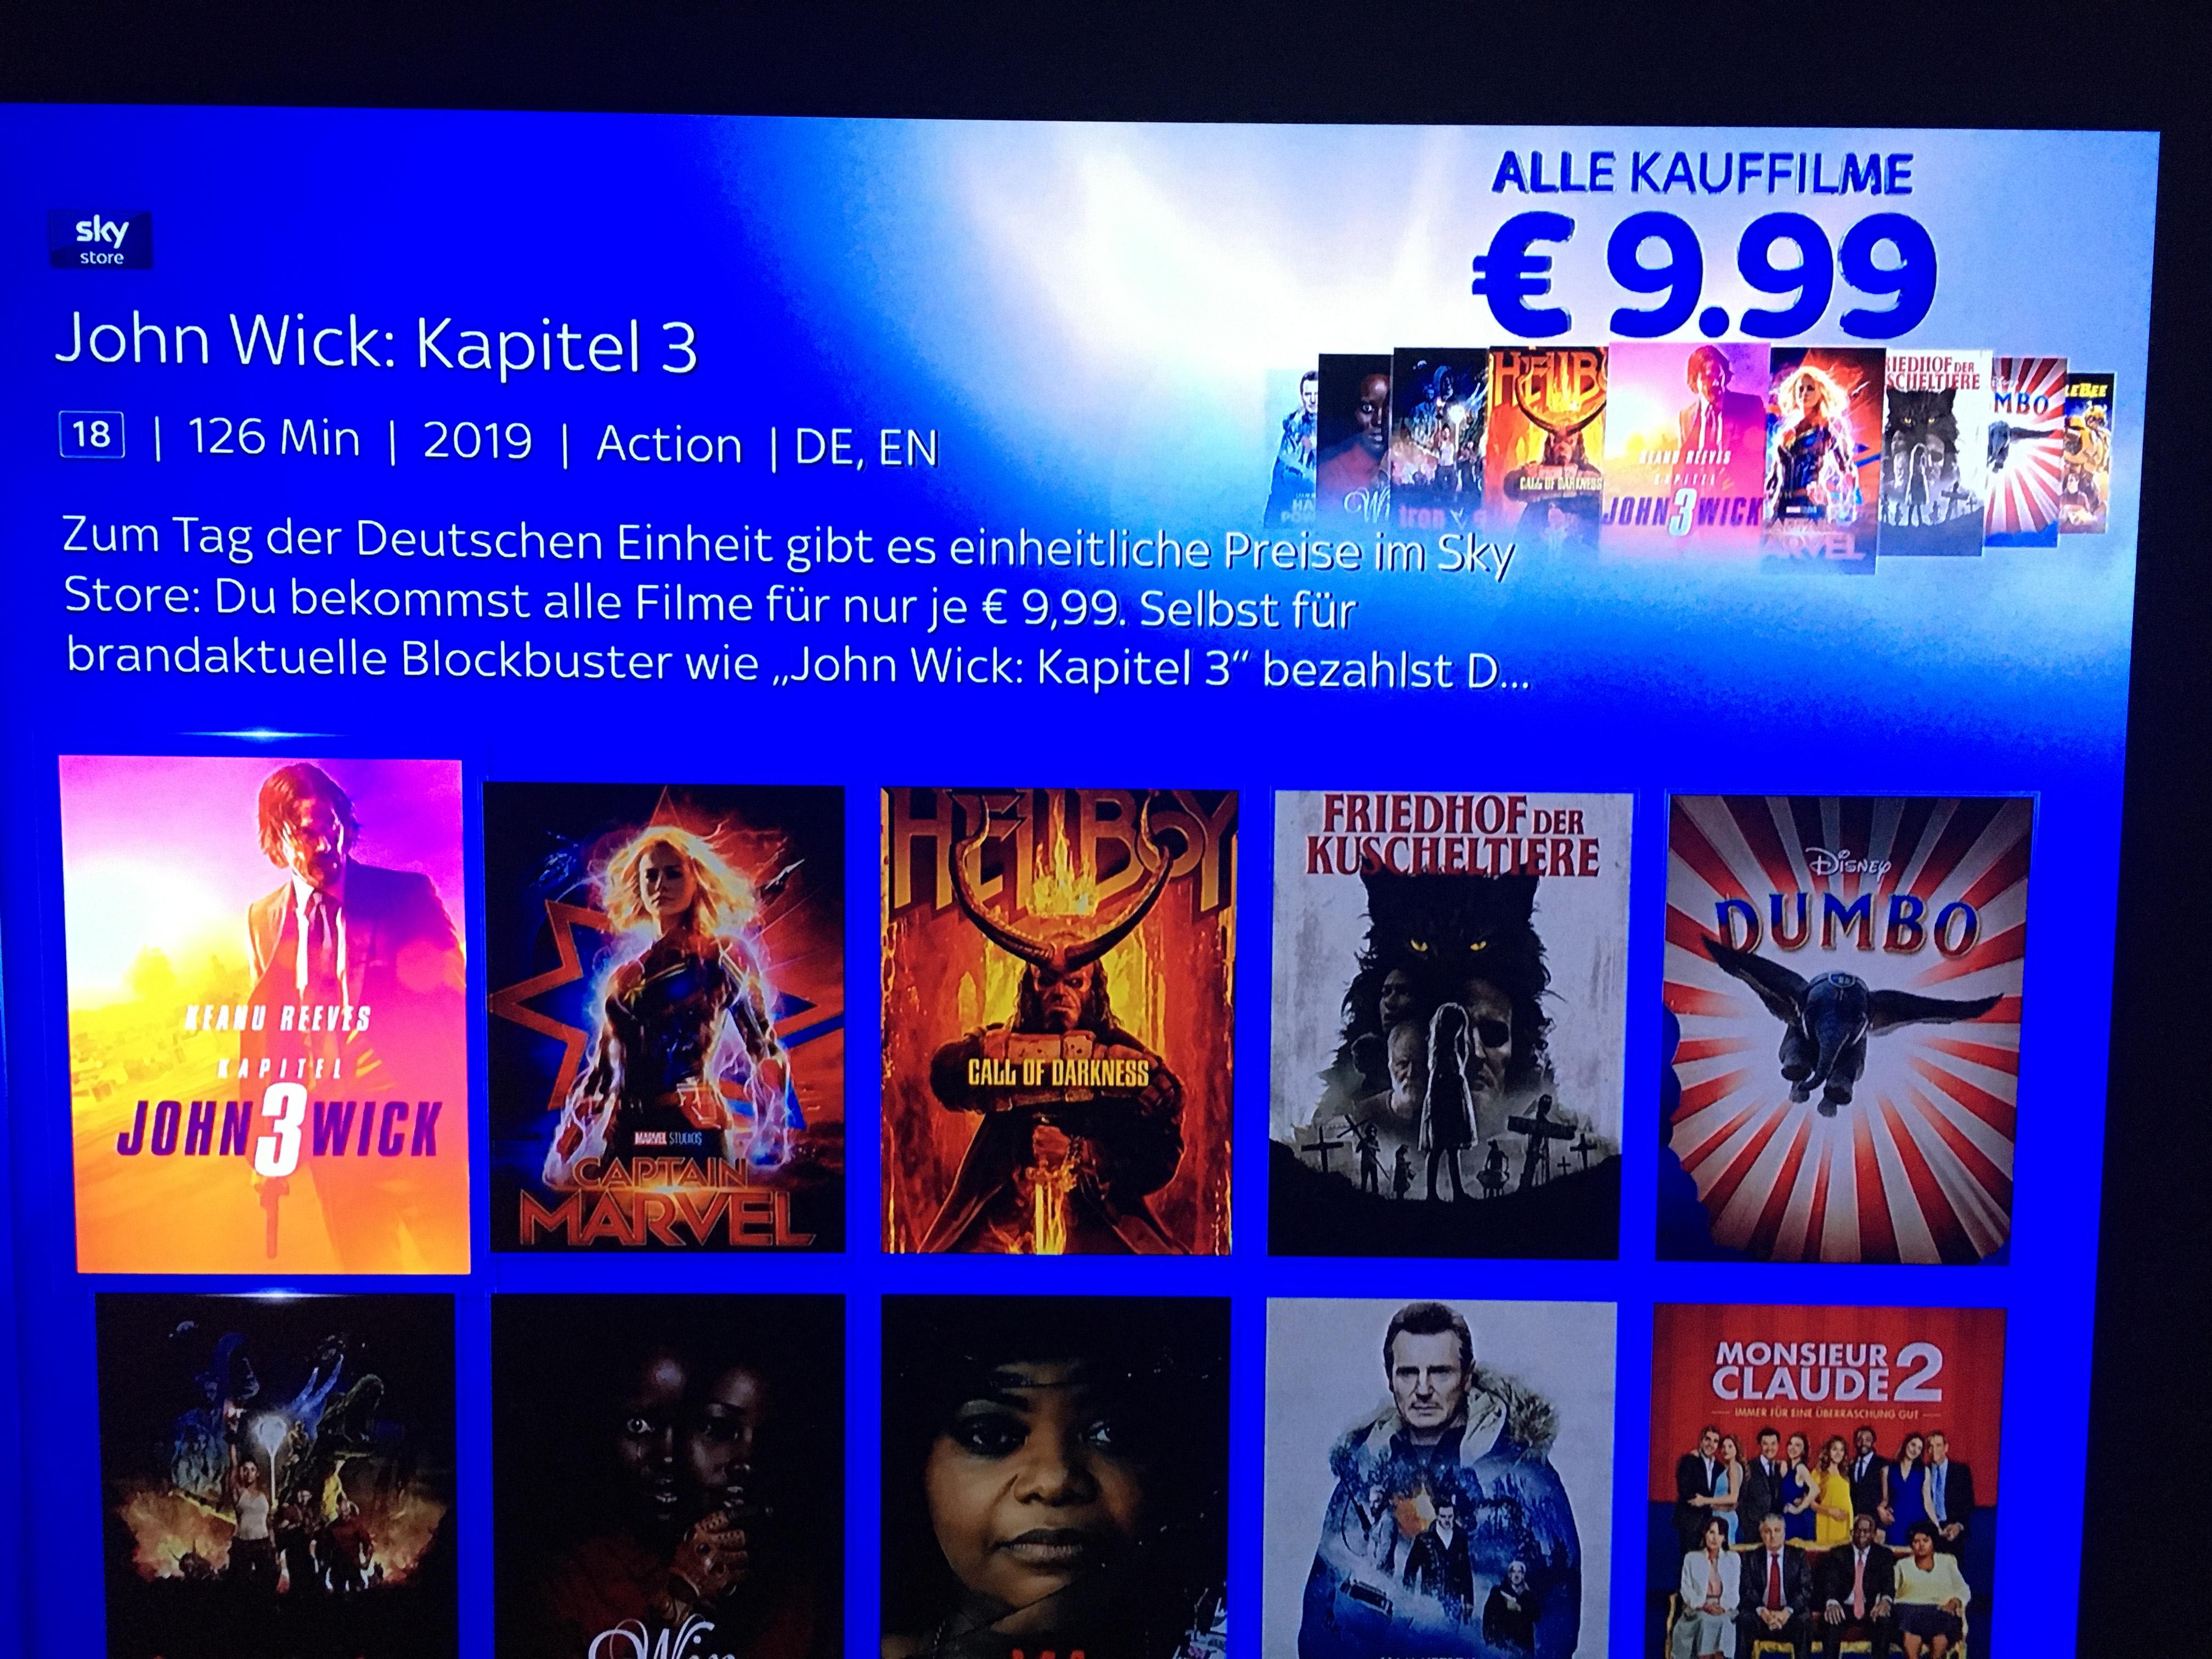 [Skykunden] alle HD-Kauffilme für 9,99 Euro digital oder für 13,99 Euro auf Blu-ray z.B. Hellboy Call of Darkness, Captain Marvel!